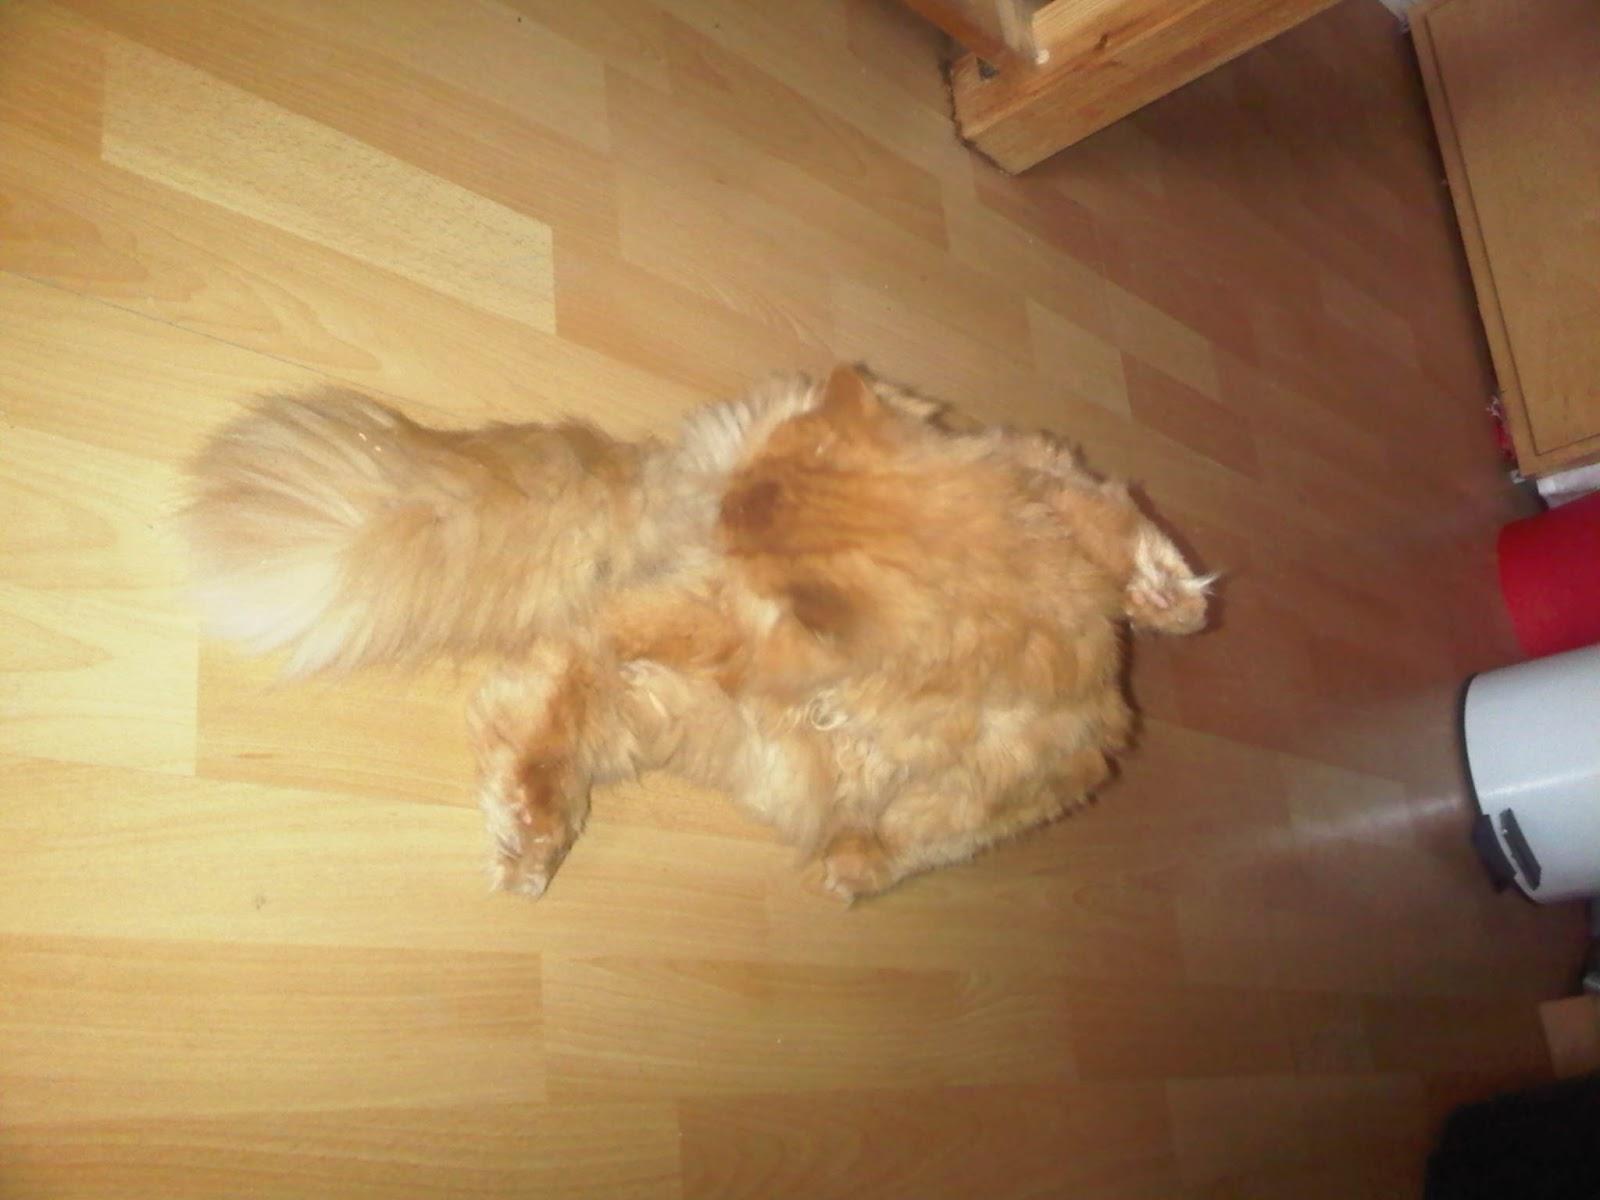 Perserkater putzt sich auf dem Fußboden